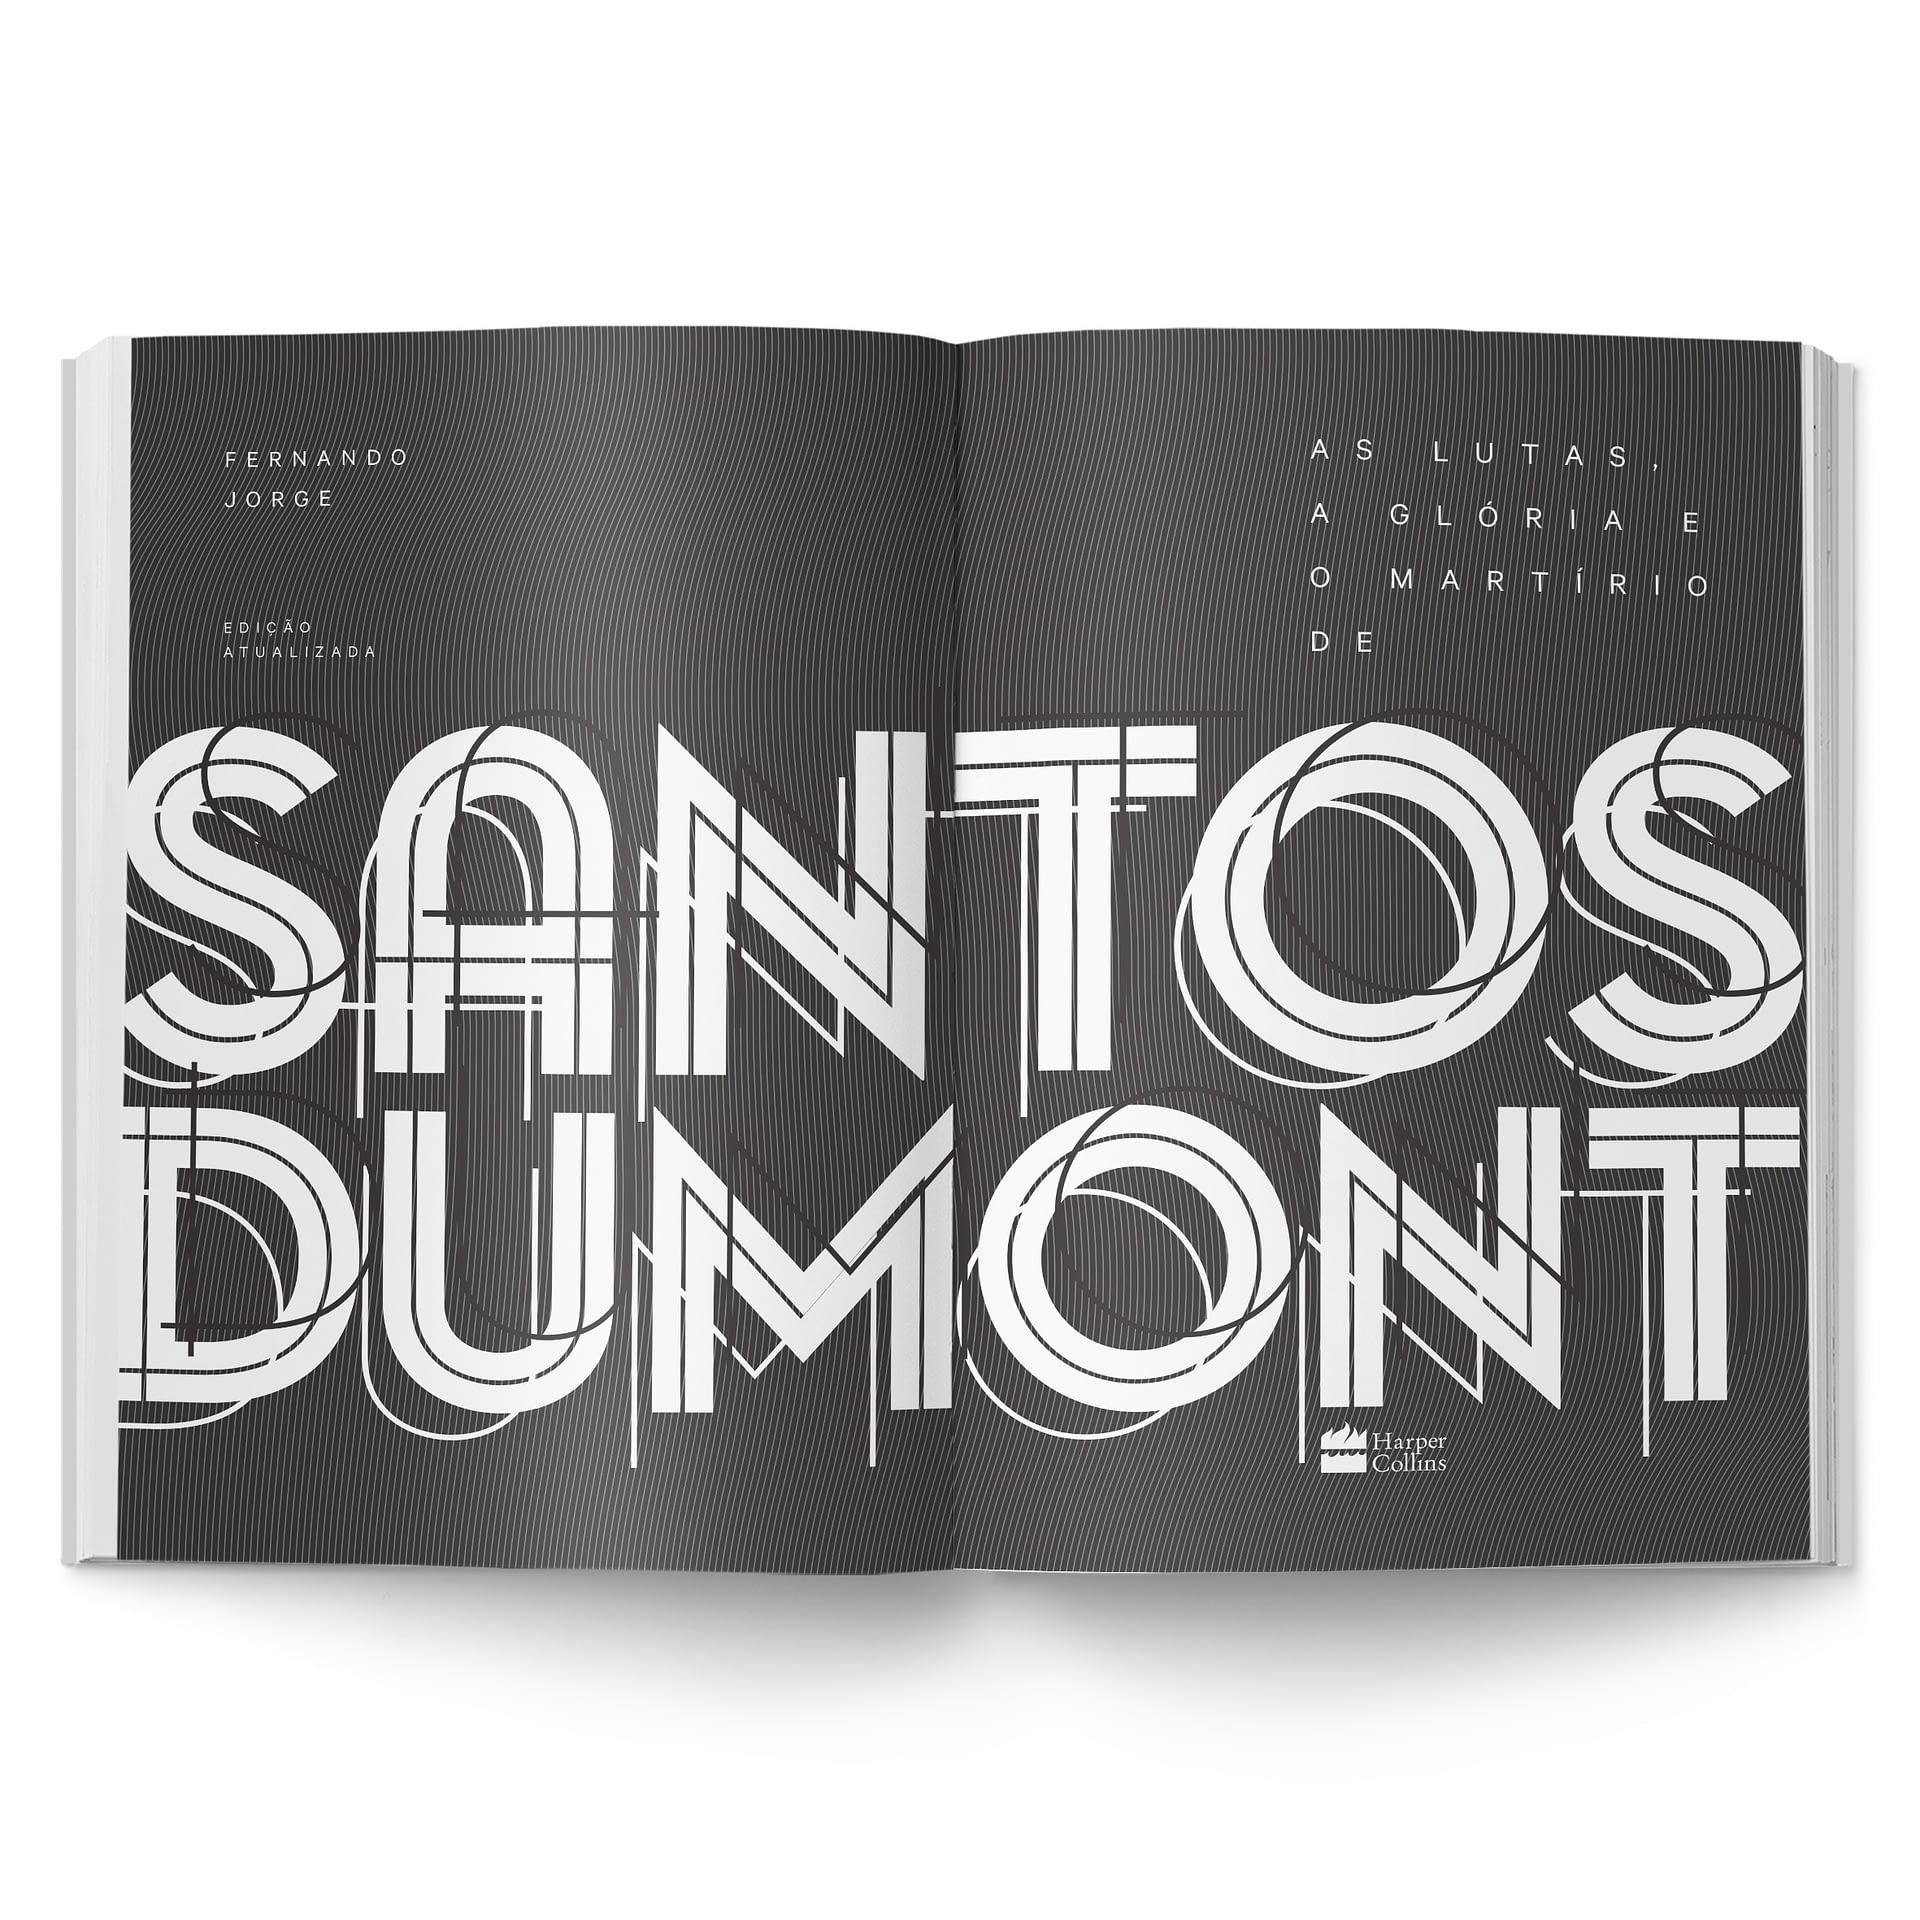 projeto_santosdumont_02d